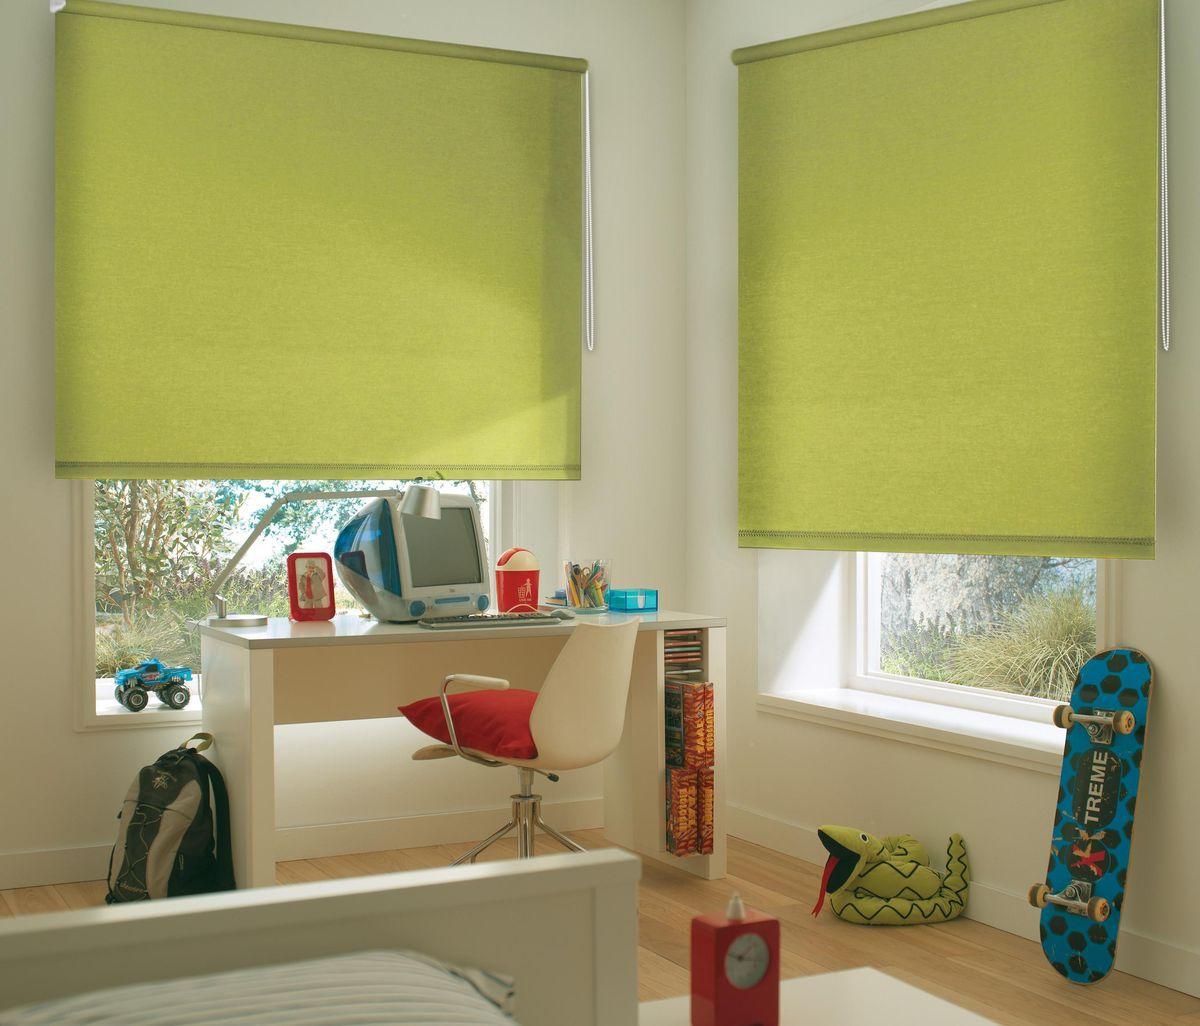 Штора рулонная Эскар, цвет: салатовый, ширина 160 см, высота 170 см80462Рулонными шторами можно оформлять окна как самостоятельно, так и использовать в комбинации с портьерами. Это поможет предотвратить выгорание дорогой ткани на солнце и соединит функционал рулонных с красотой навесных.Преимущества применения рулонных штор для пластиковых окон:- имеют прекрасный внешний вид: многообразие и фактурность материала изделия отлично смотрятся в любом интерьере; - многофункциональны: есть возможность подобрать шторы способные эффективно защитить комнату от солнца, при этом о на не будет слишком темной. - Есть возможность осуществить быстрый монтаж. ВНИМАНИЕ! Размеры ширины изделия указаны по ширине ткани!Во время эксплуатации не рекомендуется полностью разматывать рулон, чтобы не оторвать ткань от намоточного вала.В случае загрязнения поверхности ткани, чистку шторы проводят одним из способов, в зависимости от типа загрязнения: легкое поверхностное загрязнение можно удалить при помощи канцелярского ластика; чистка от пыли производится сухим методом при помощи пылесоса с мягкой щеткой-насадкой; для удаления пятна используйте мягкую губку с пенообразующим неагрессивным моющим средством или пятновыводитель на натуральной основе (нельзя применять растворители).